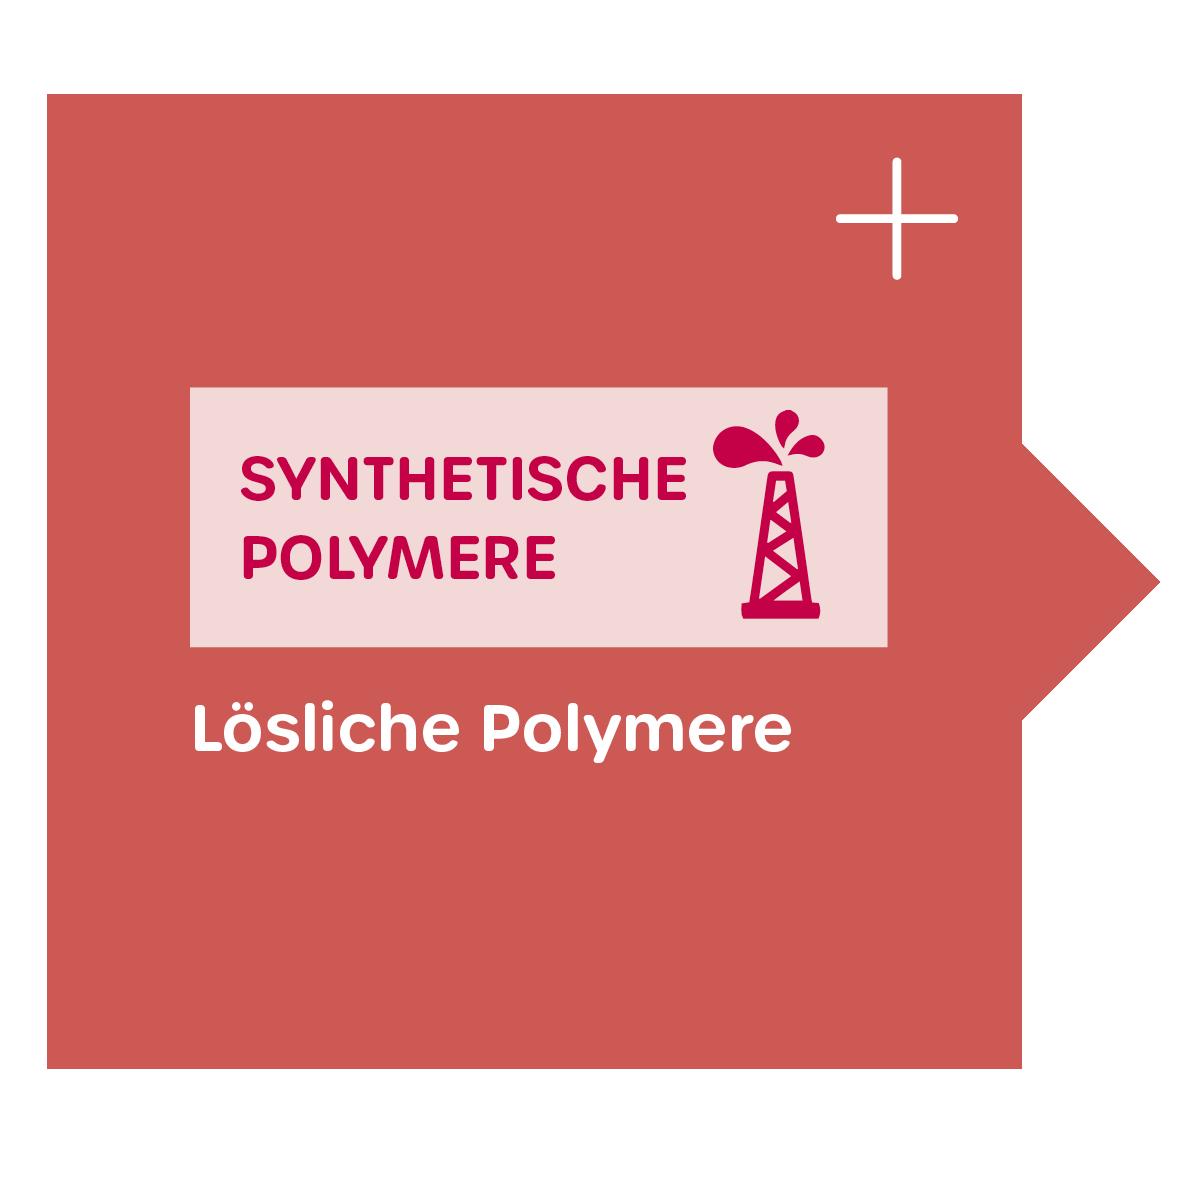 Lösliche Polymere